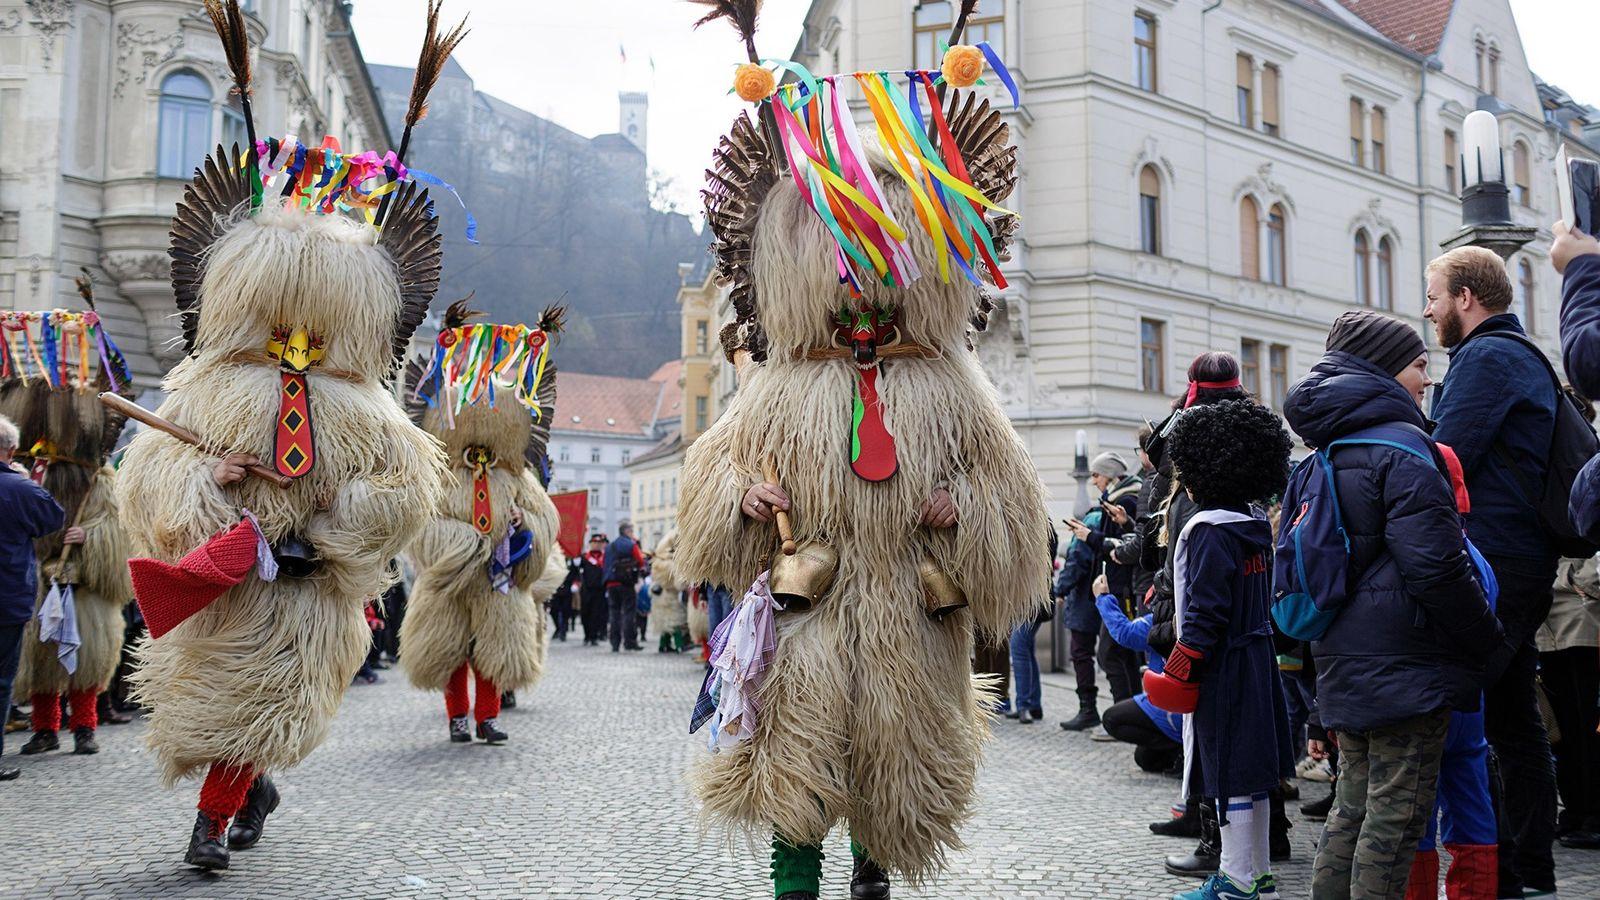 Durante el Kurentovanje (carnaval) en Eslovenia, los asistentes del festival se visten con trajes de piel ...